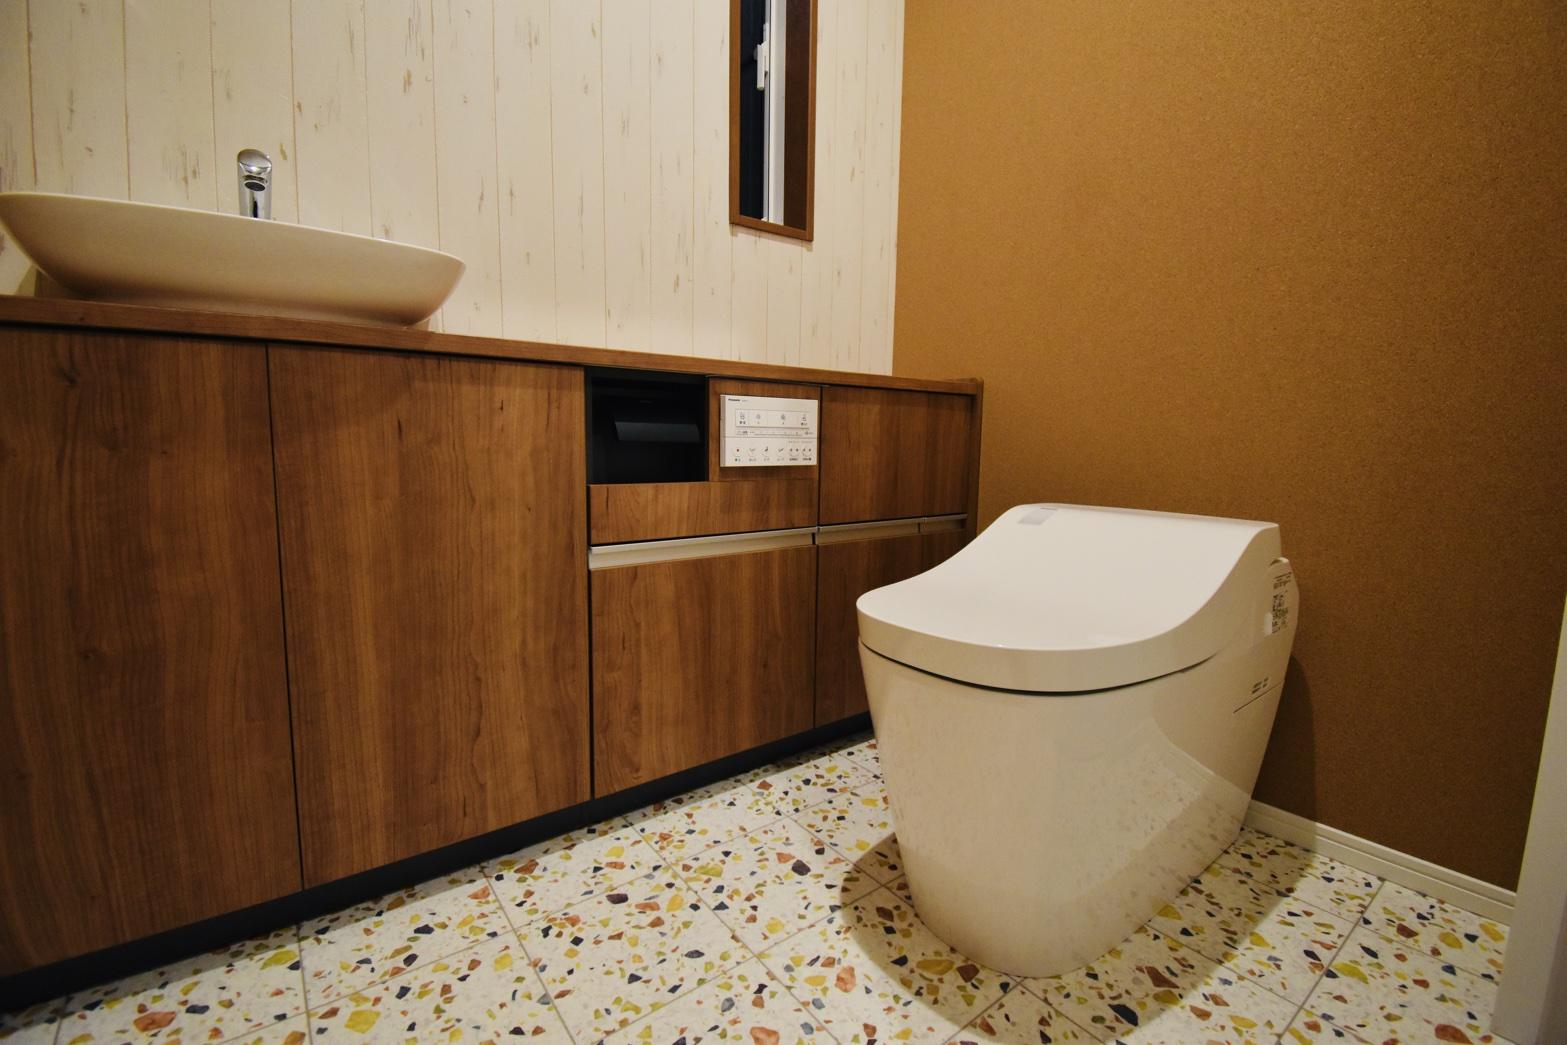 <p>デザイン性のある広いトイレ。</p>